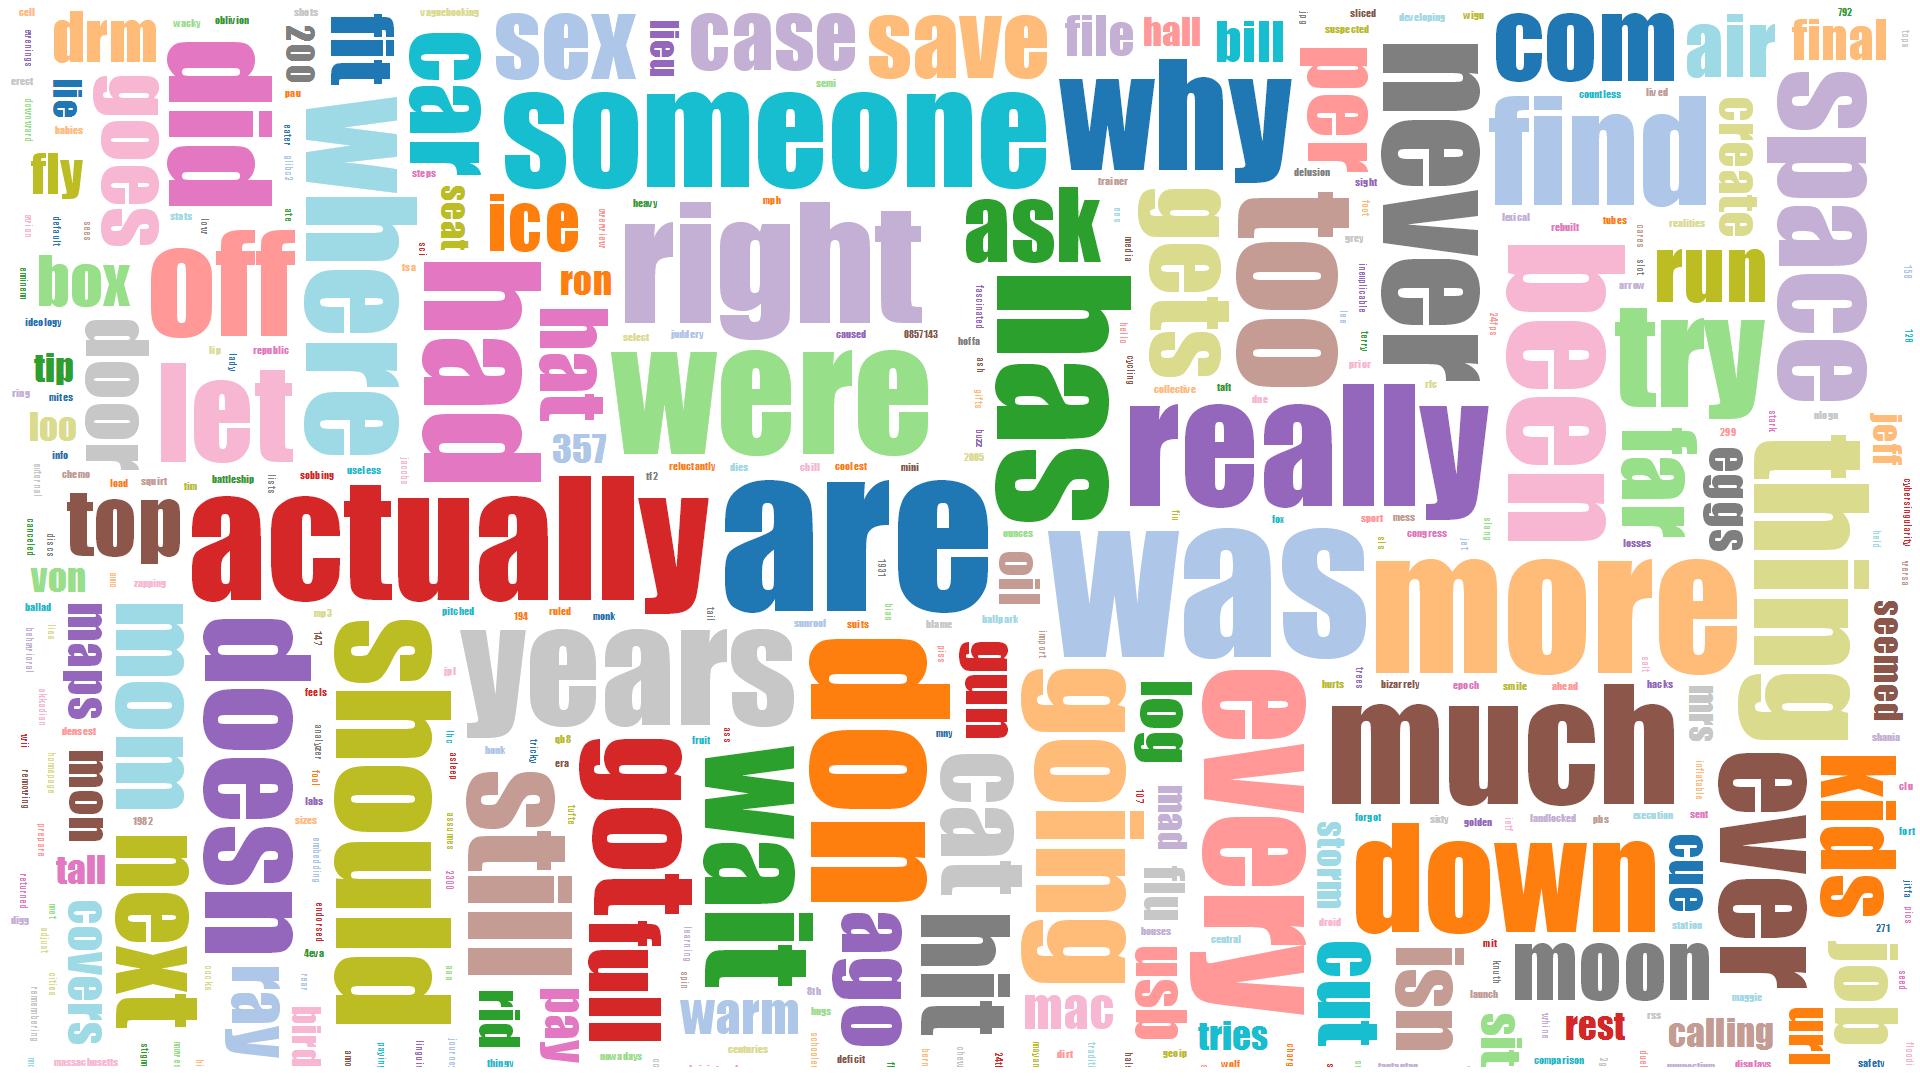 İngilizce kelime dağarcığını geliştirmek için konusarakogren.com